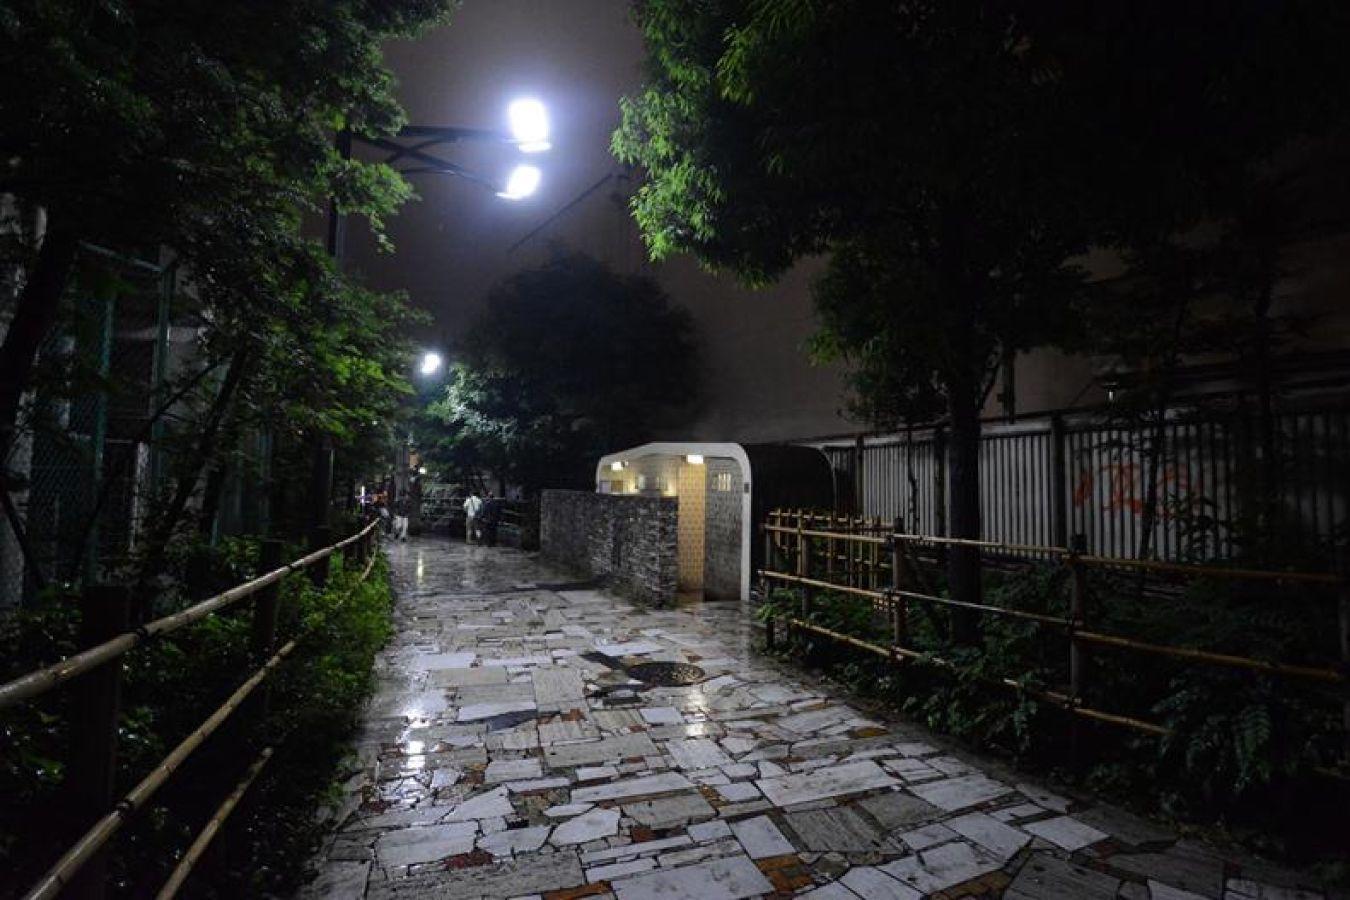 犯罪者:LEDの街灯・・寂しい夜道を明るくするためか??でもちょっとグレアが強い。